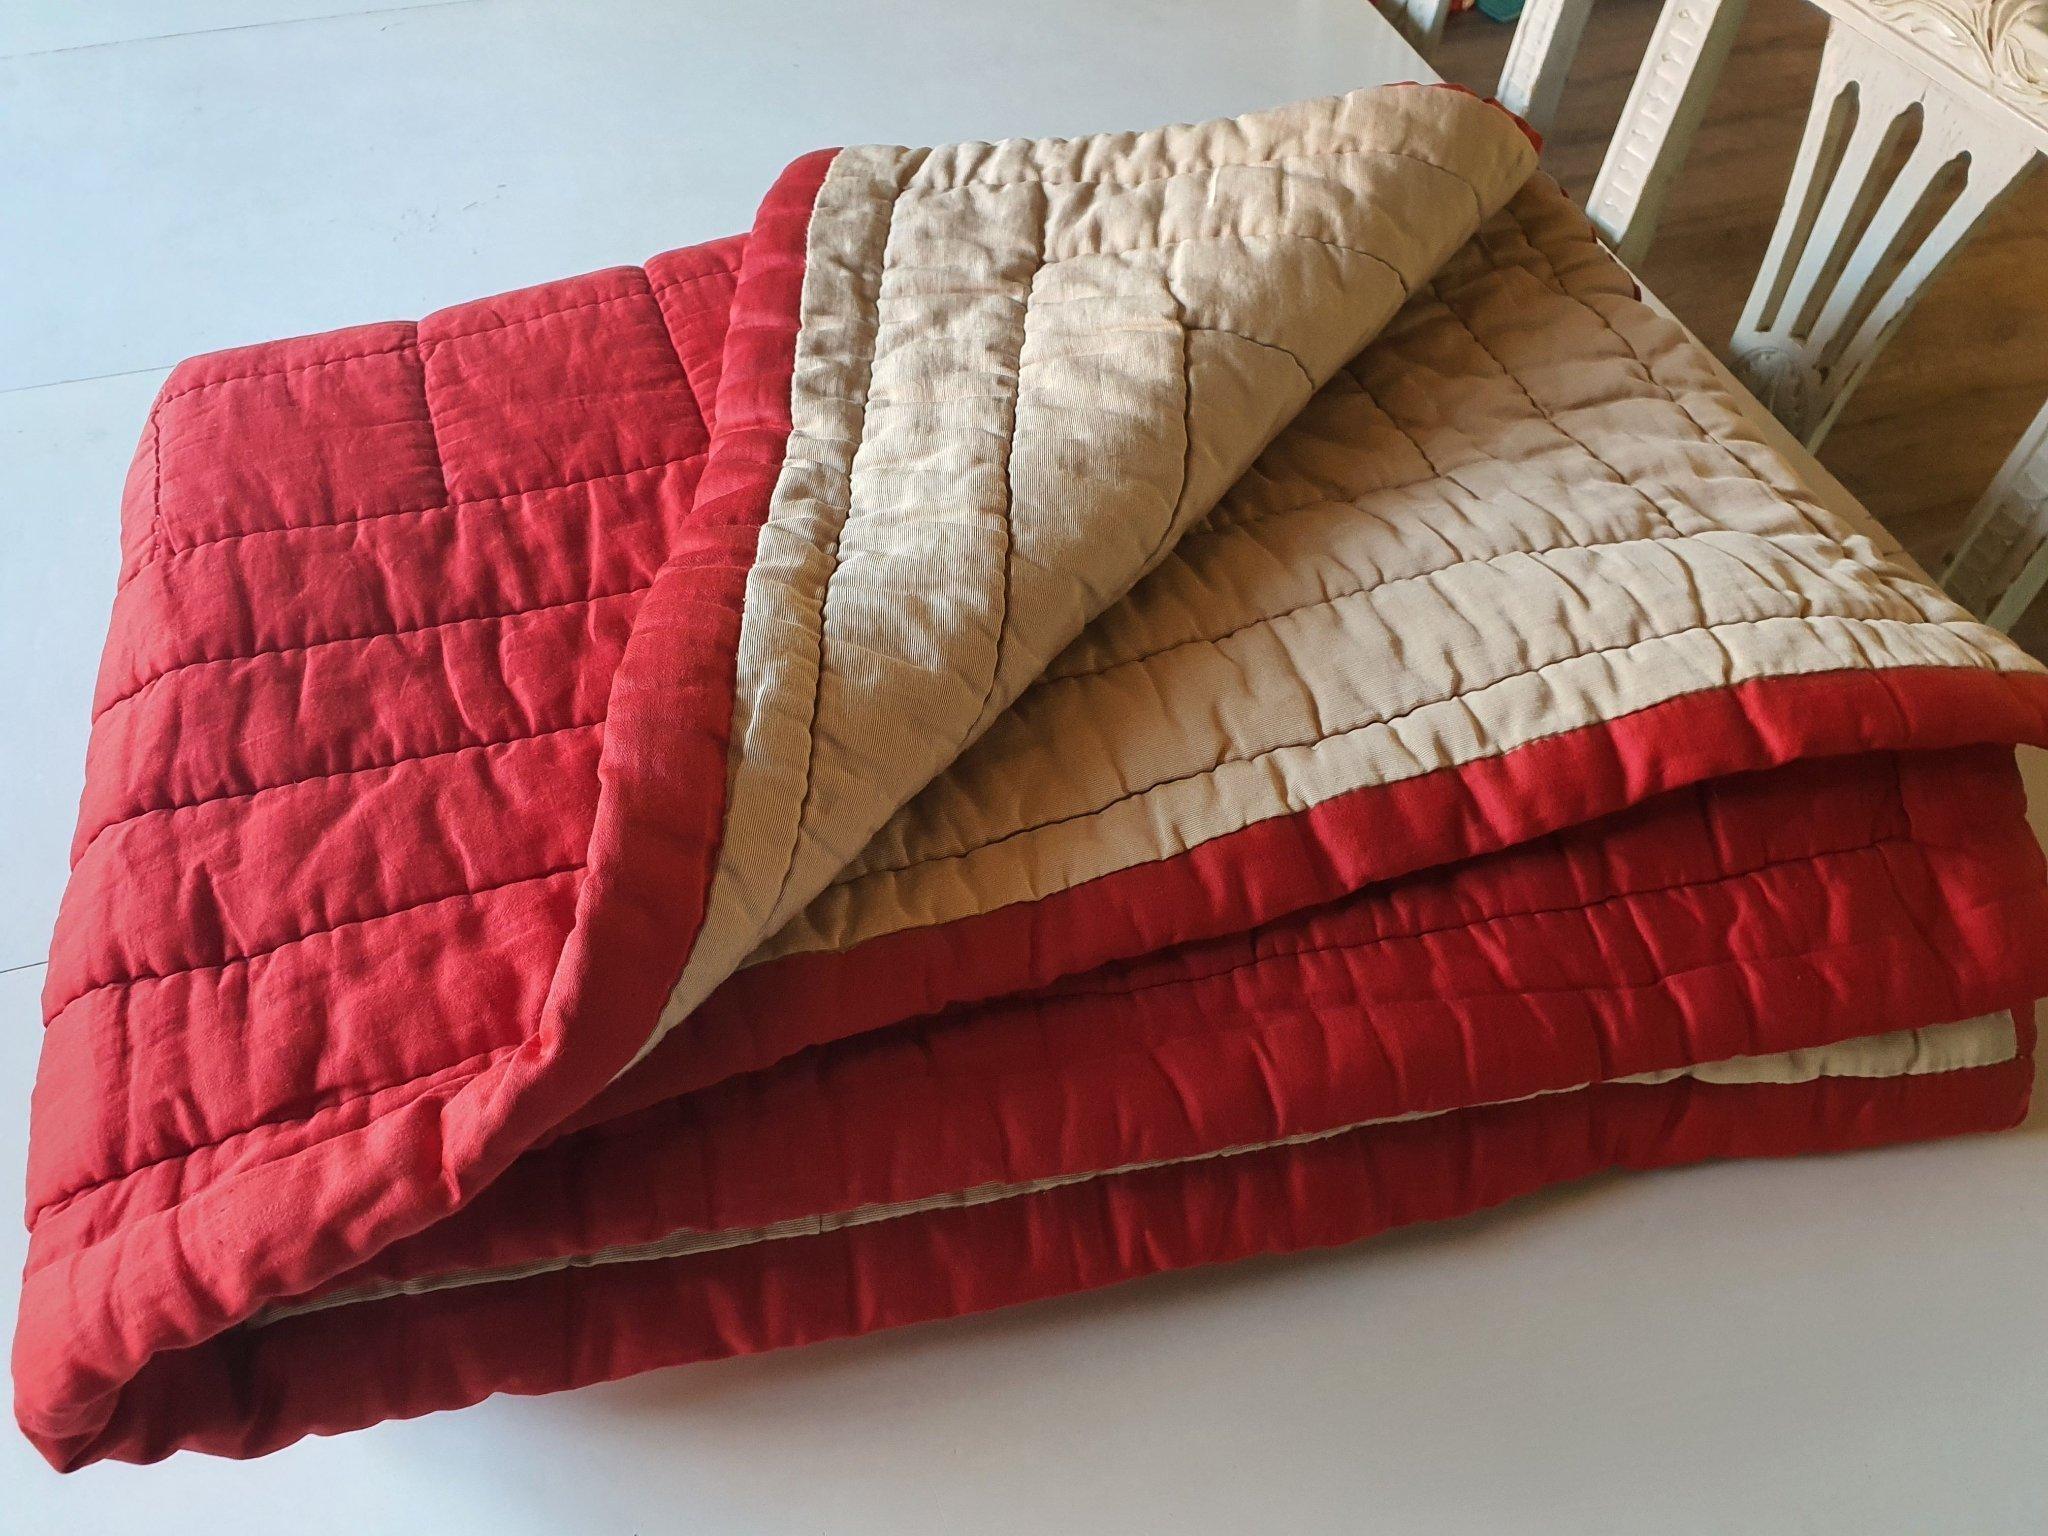 2st Retro sovsäcksovtäcke vaddtäcke täcke Värnamo Sängkläder AB